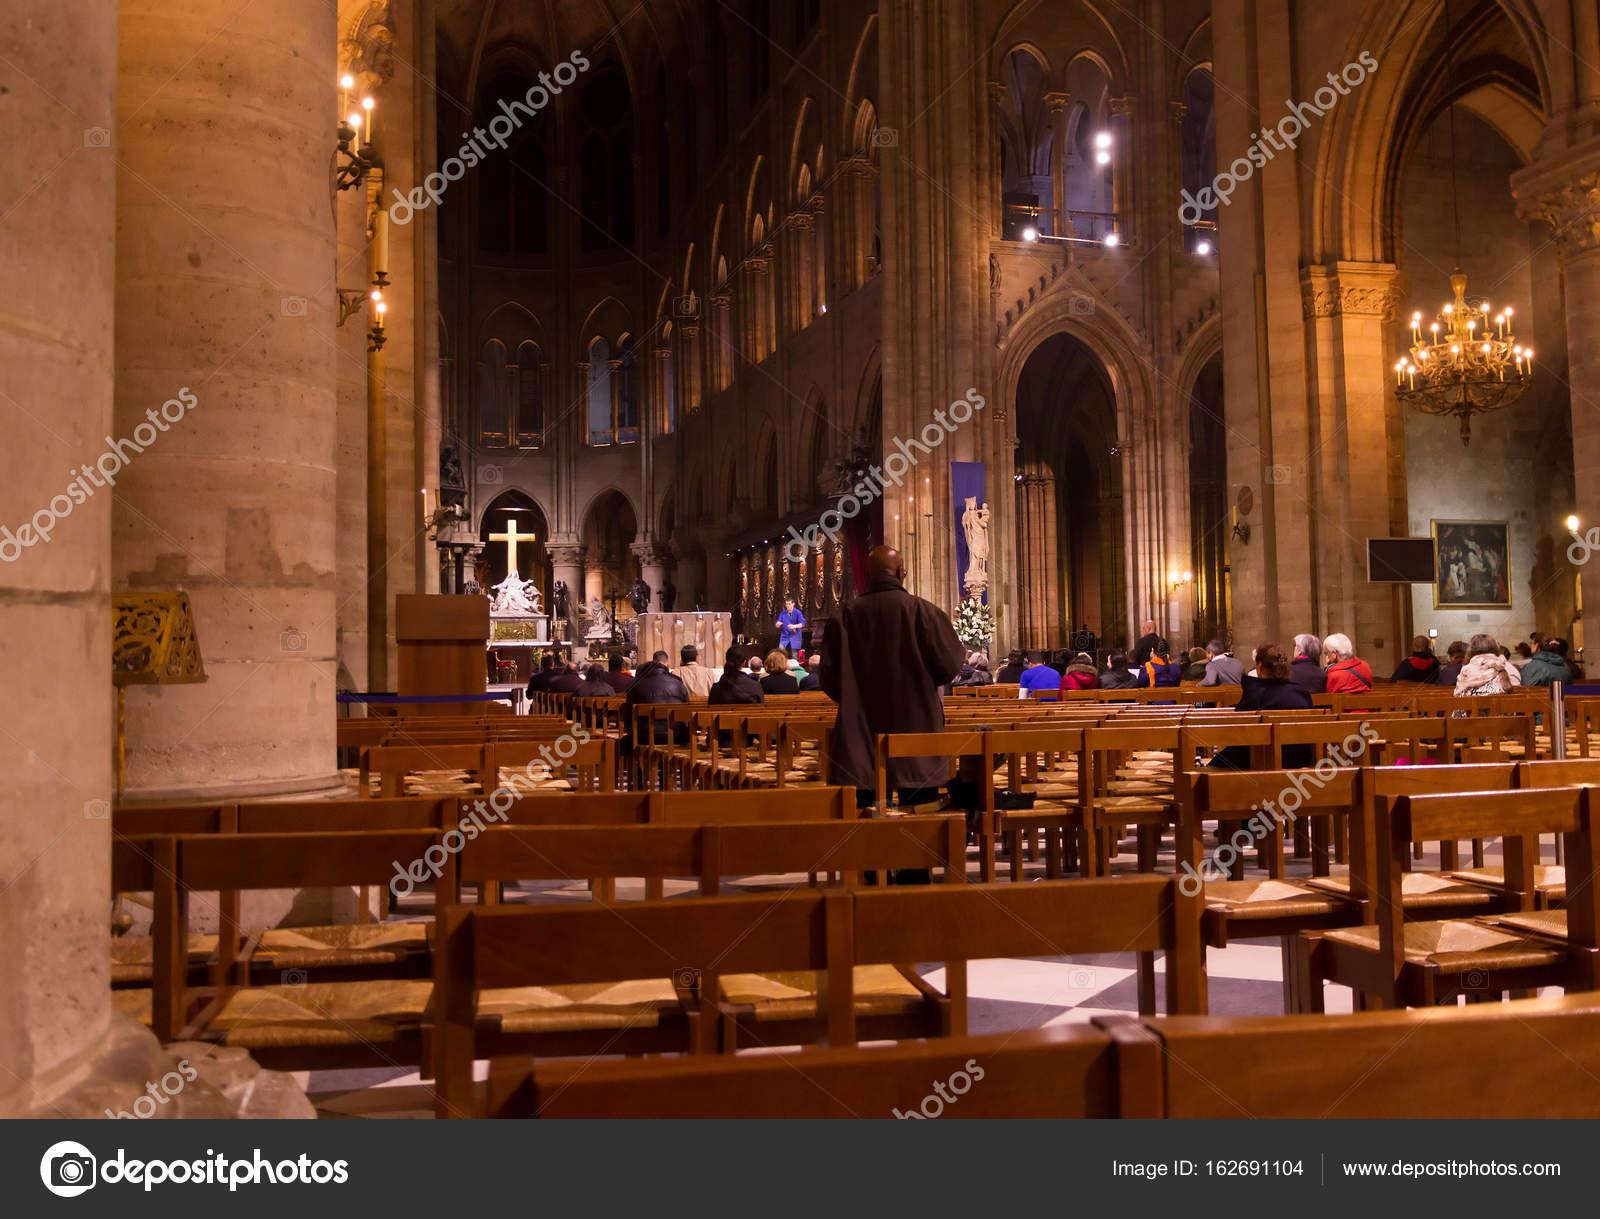 de christianisme religieux la cathdrale notre dame de paris france intrieures frquents par les touristes pendant la messe image de igordabari